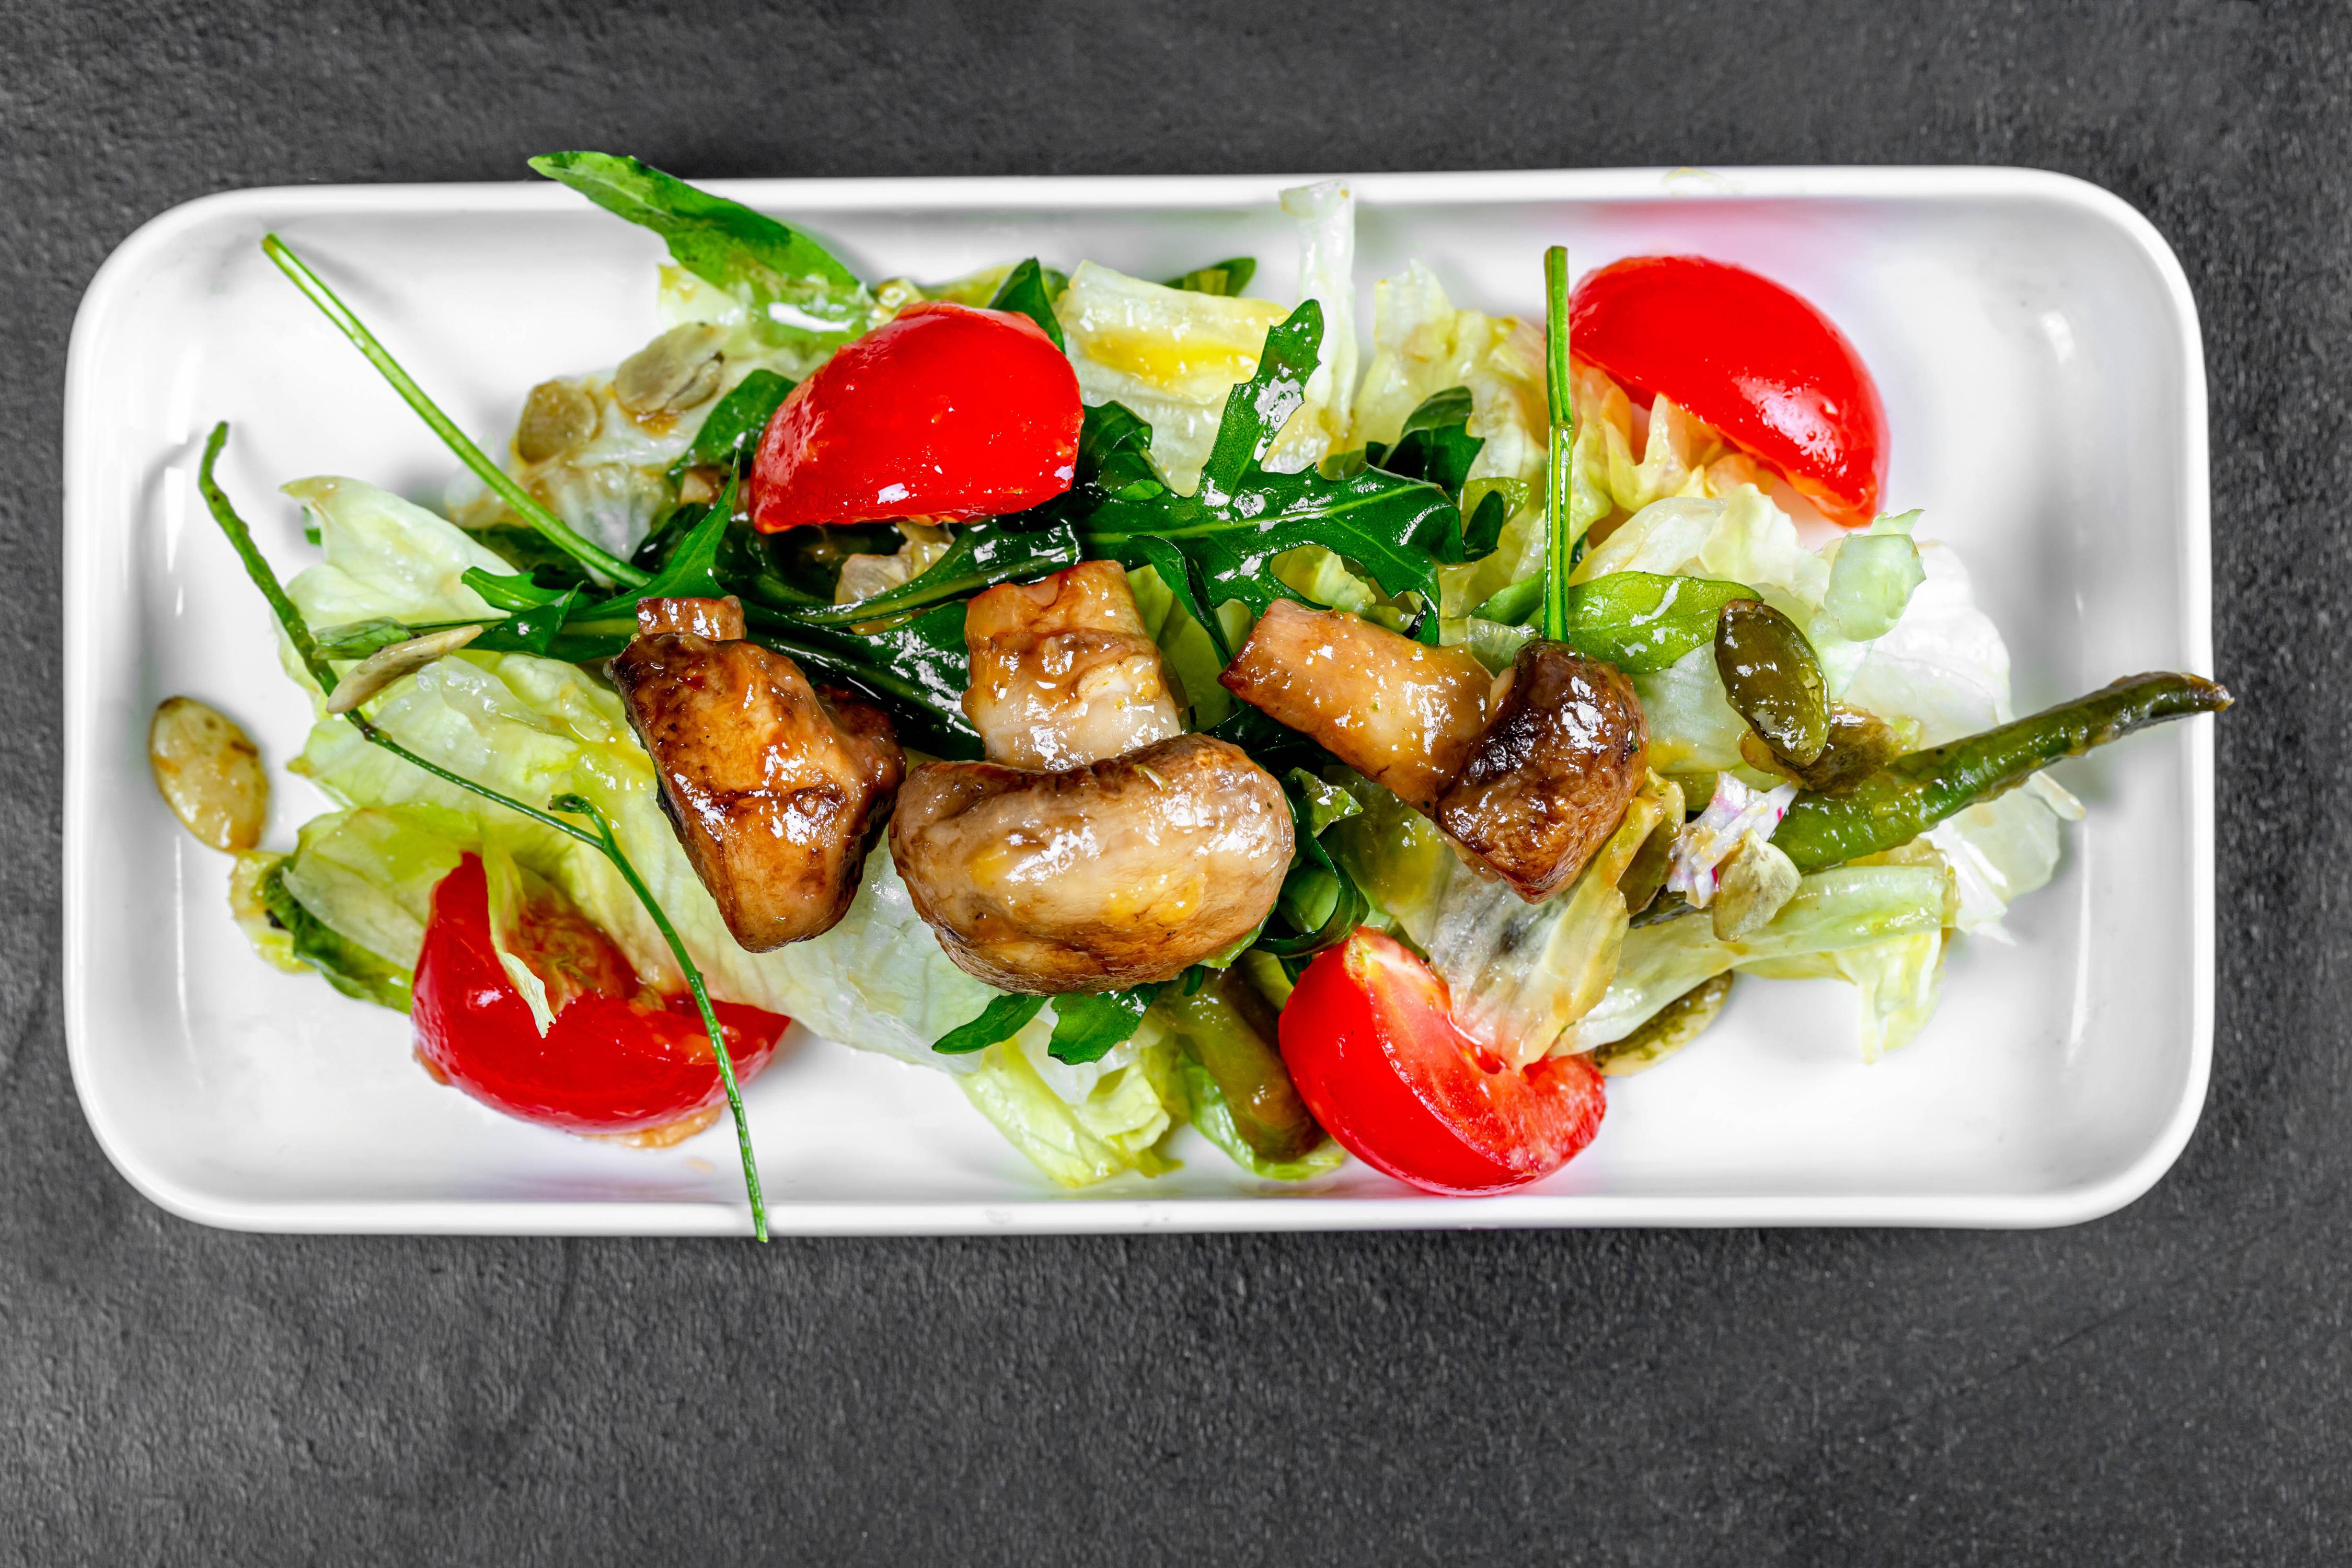 Photos Mushrooms Food Salads Vegetables